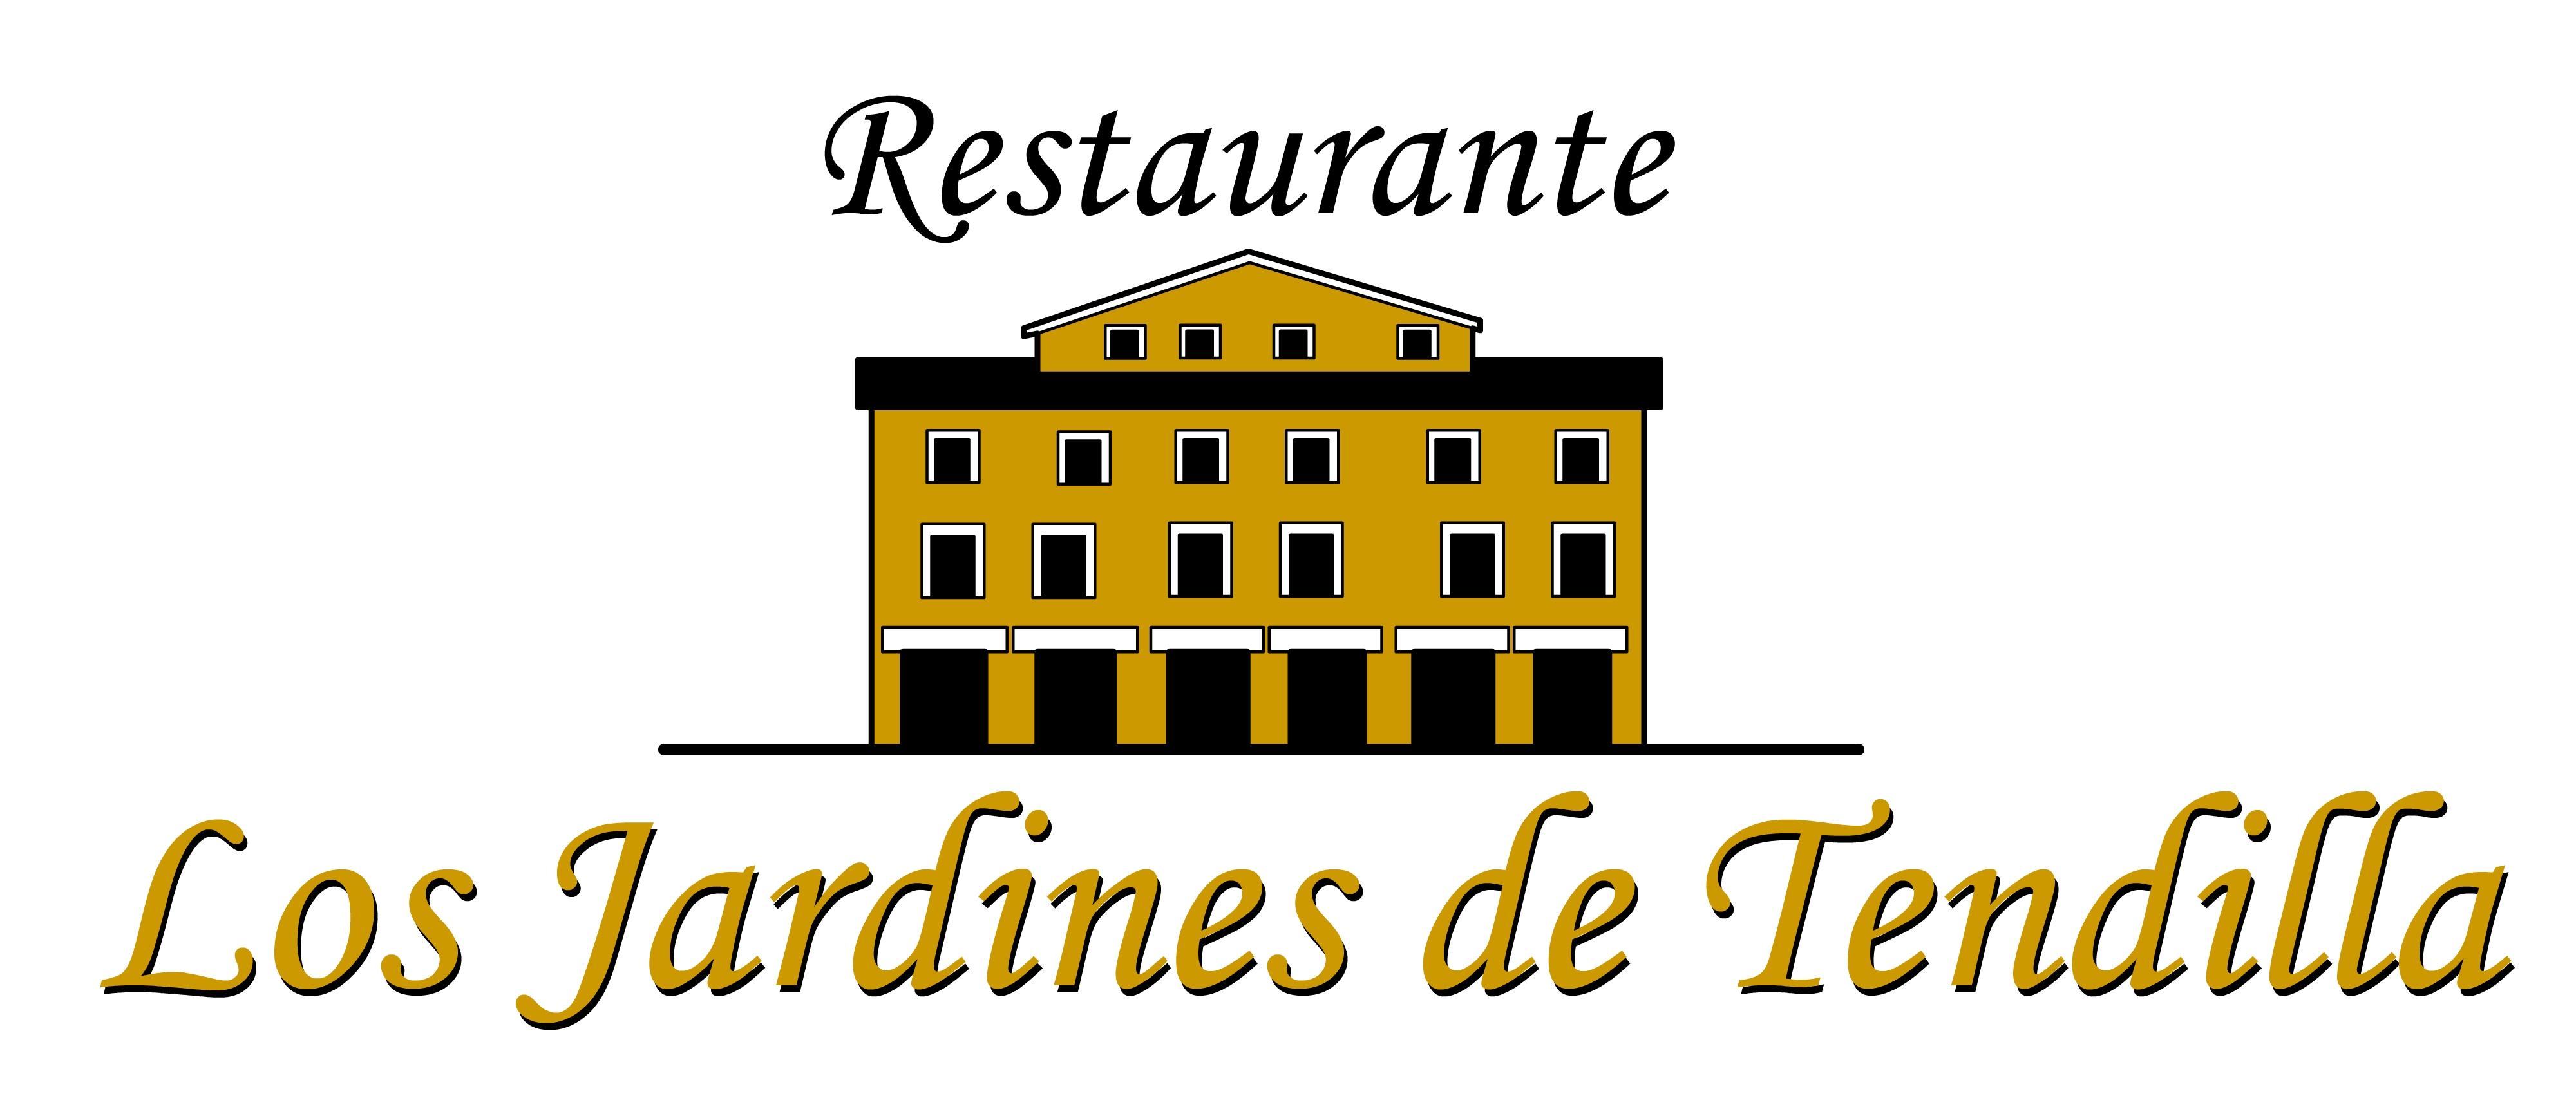 Logo Los Jardines de Tendilla